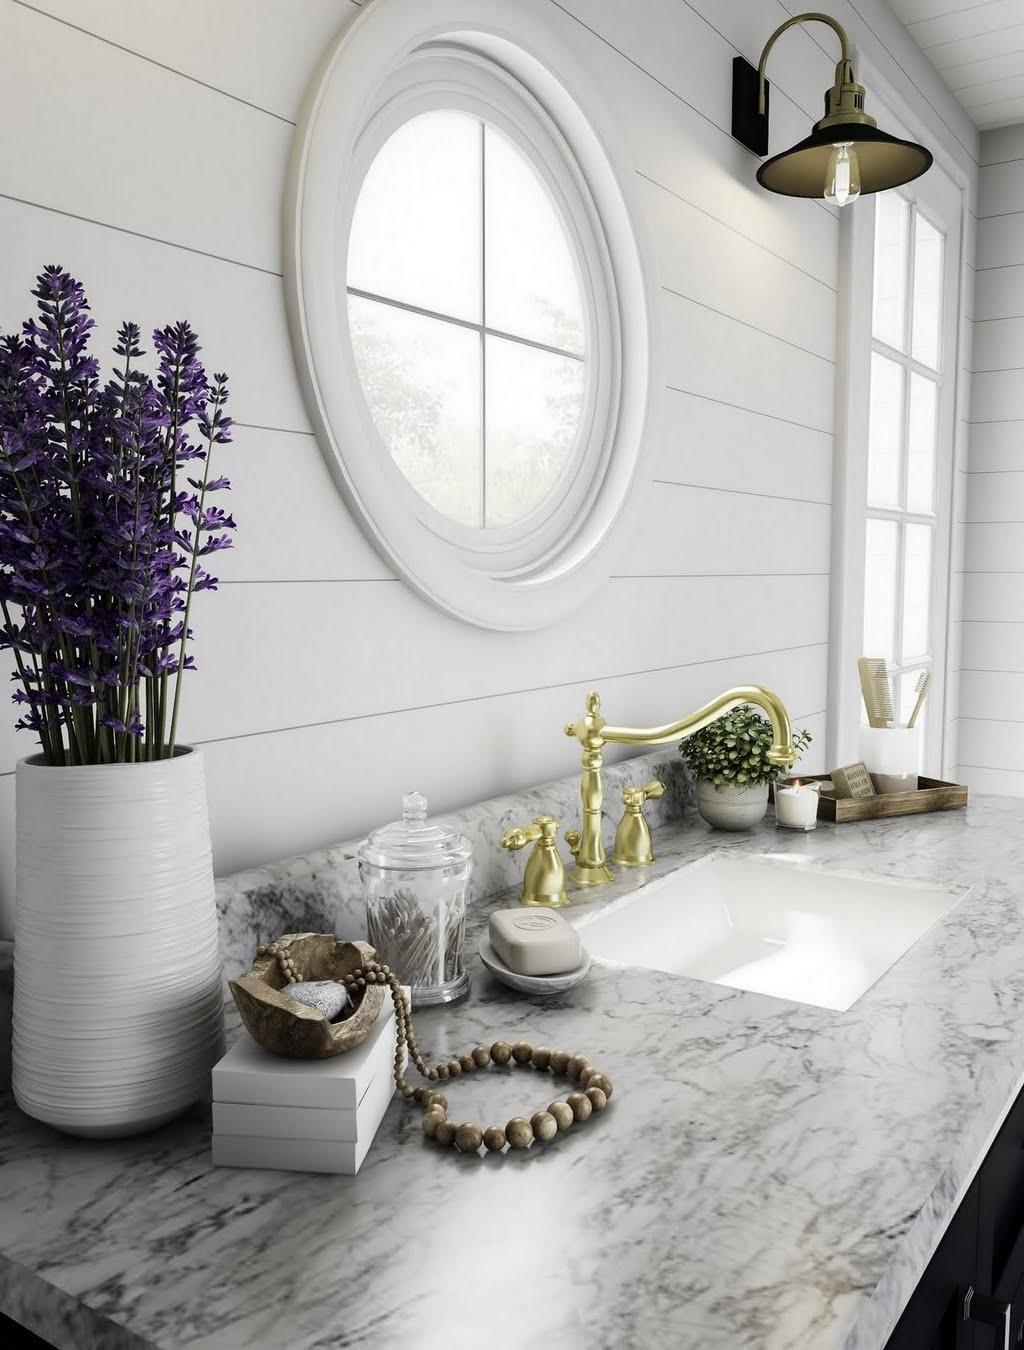 Coastal Bathroom with Porthole Window – Bathroom – The Home Depot